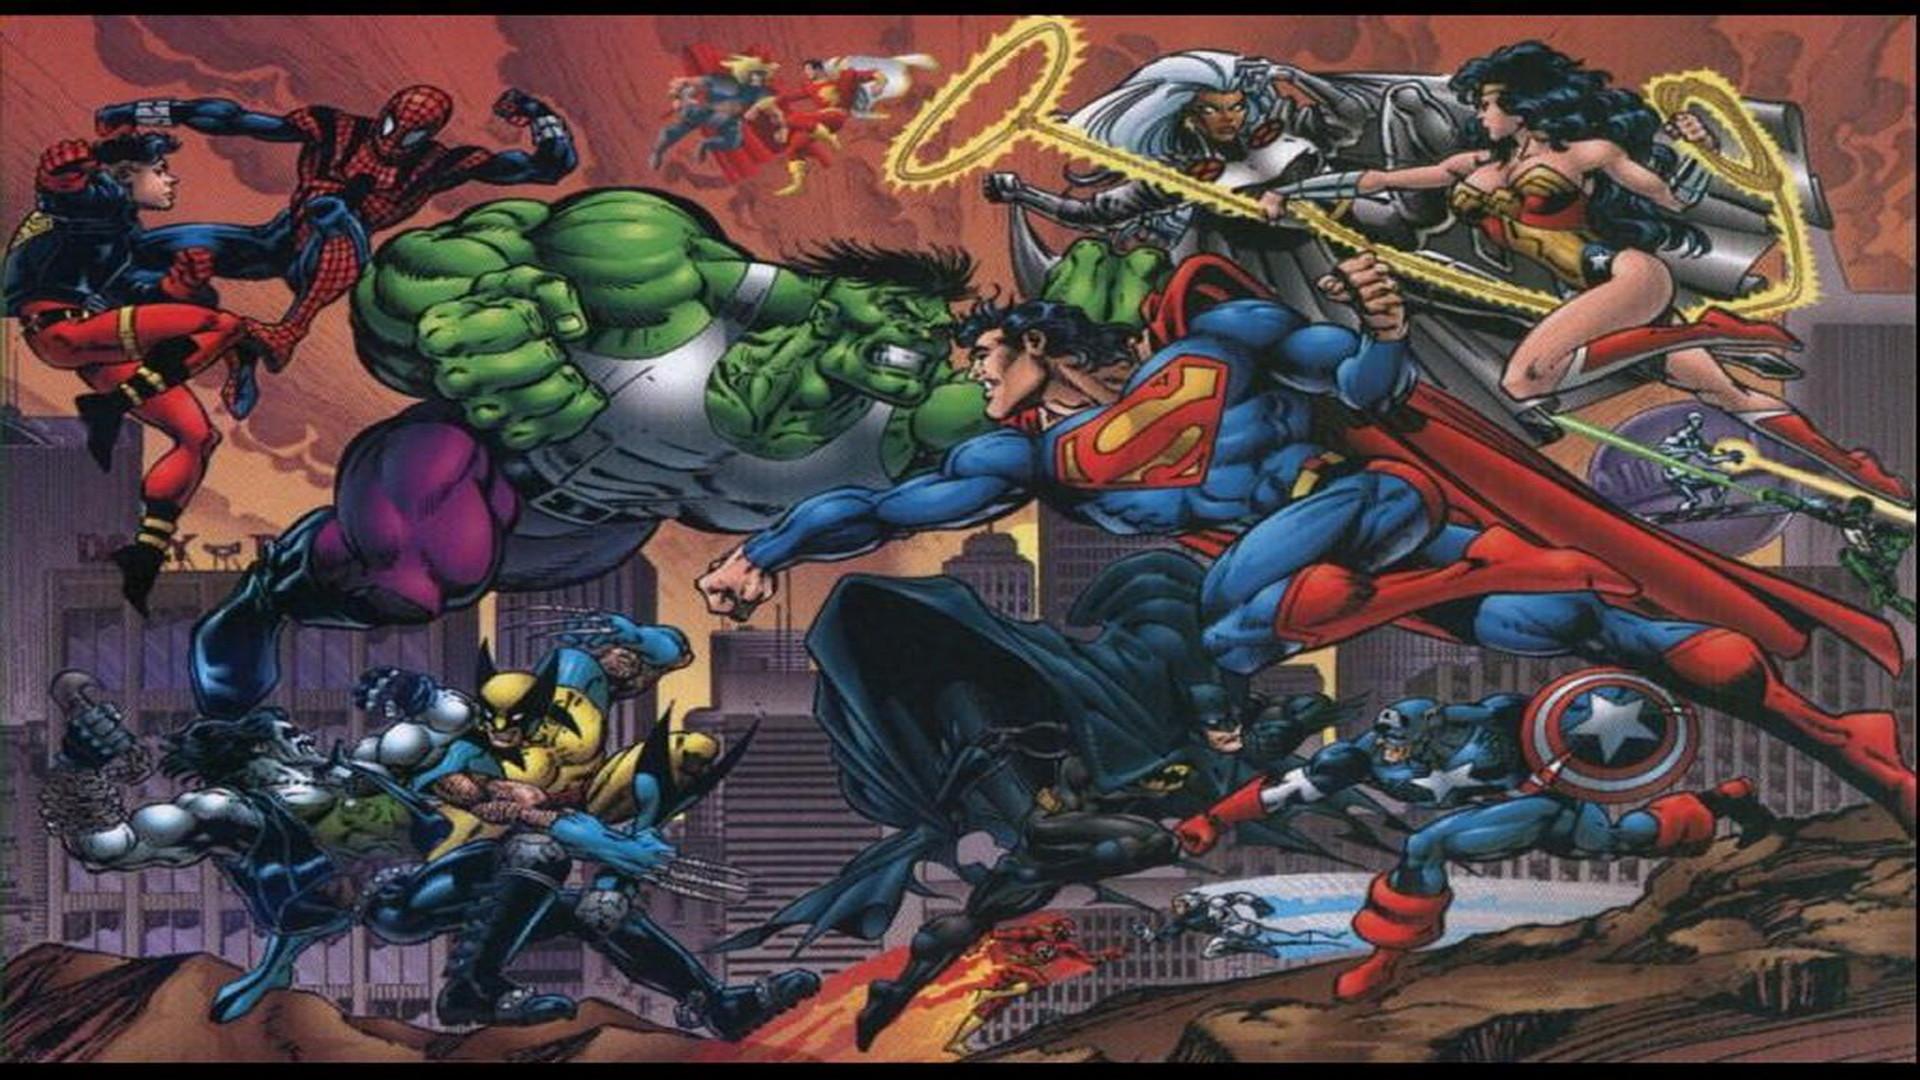 Comics Wallpapers, HD Desktop Wallpapers, Marvel vs DC marvel comics .